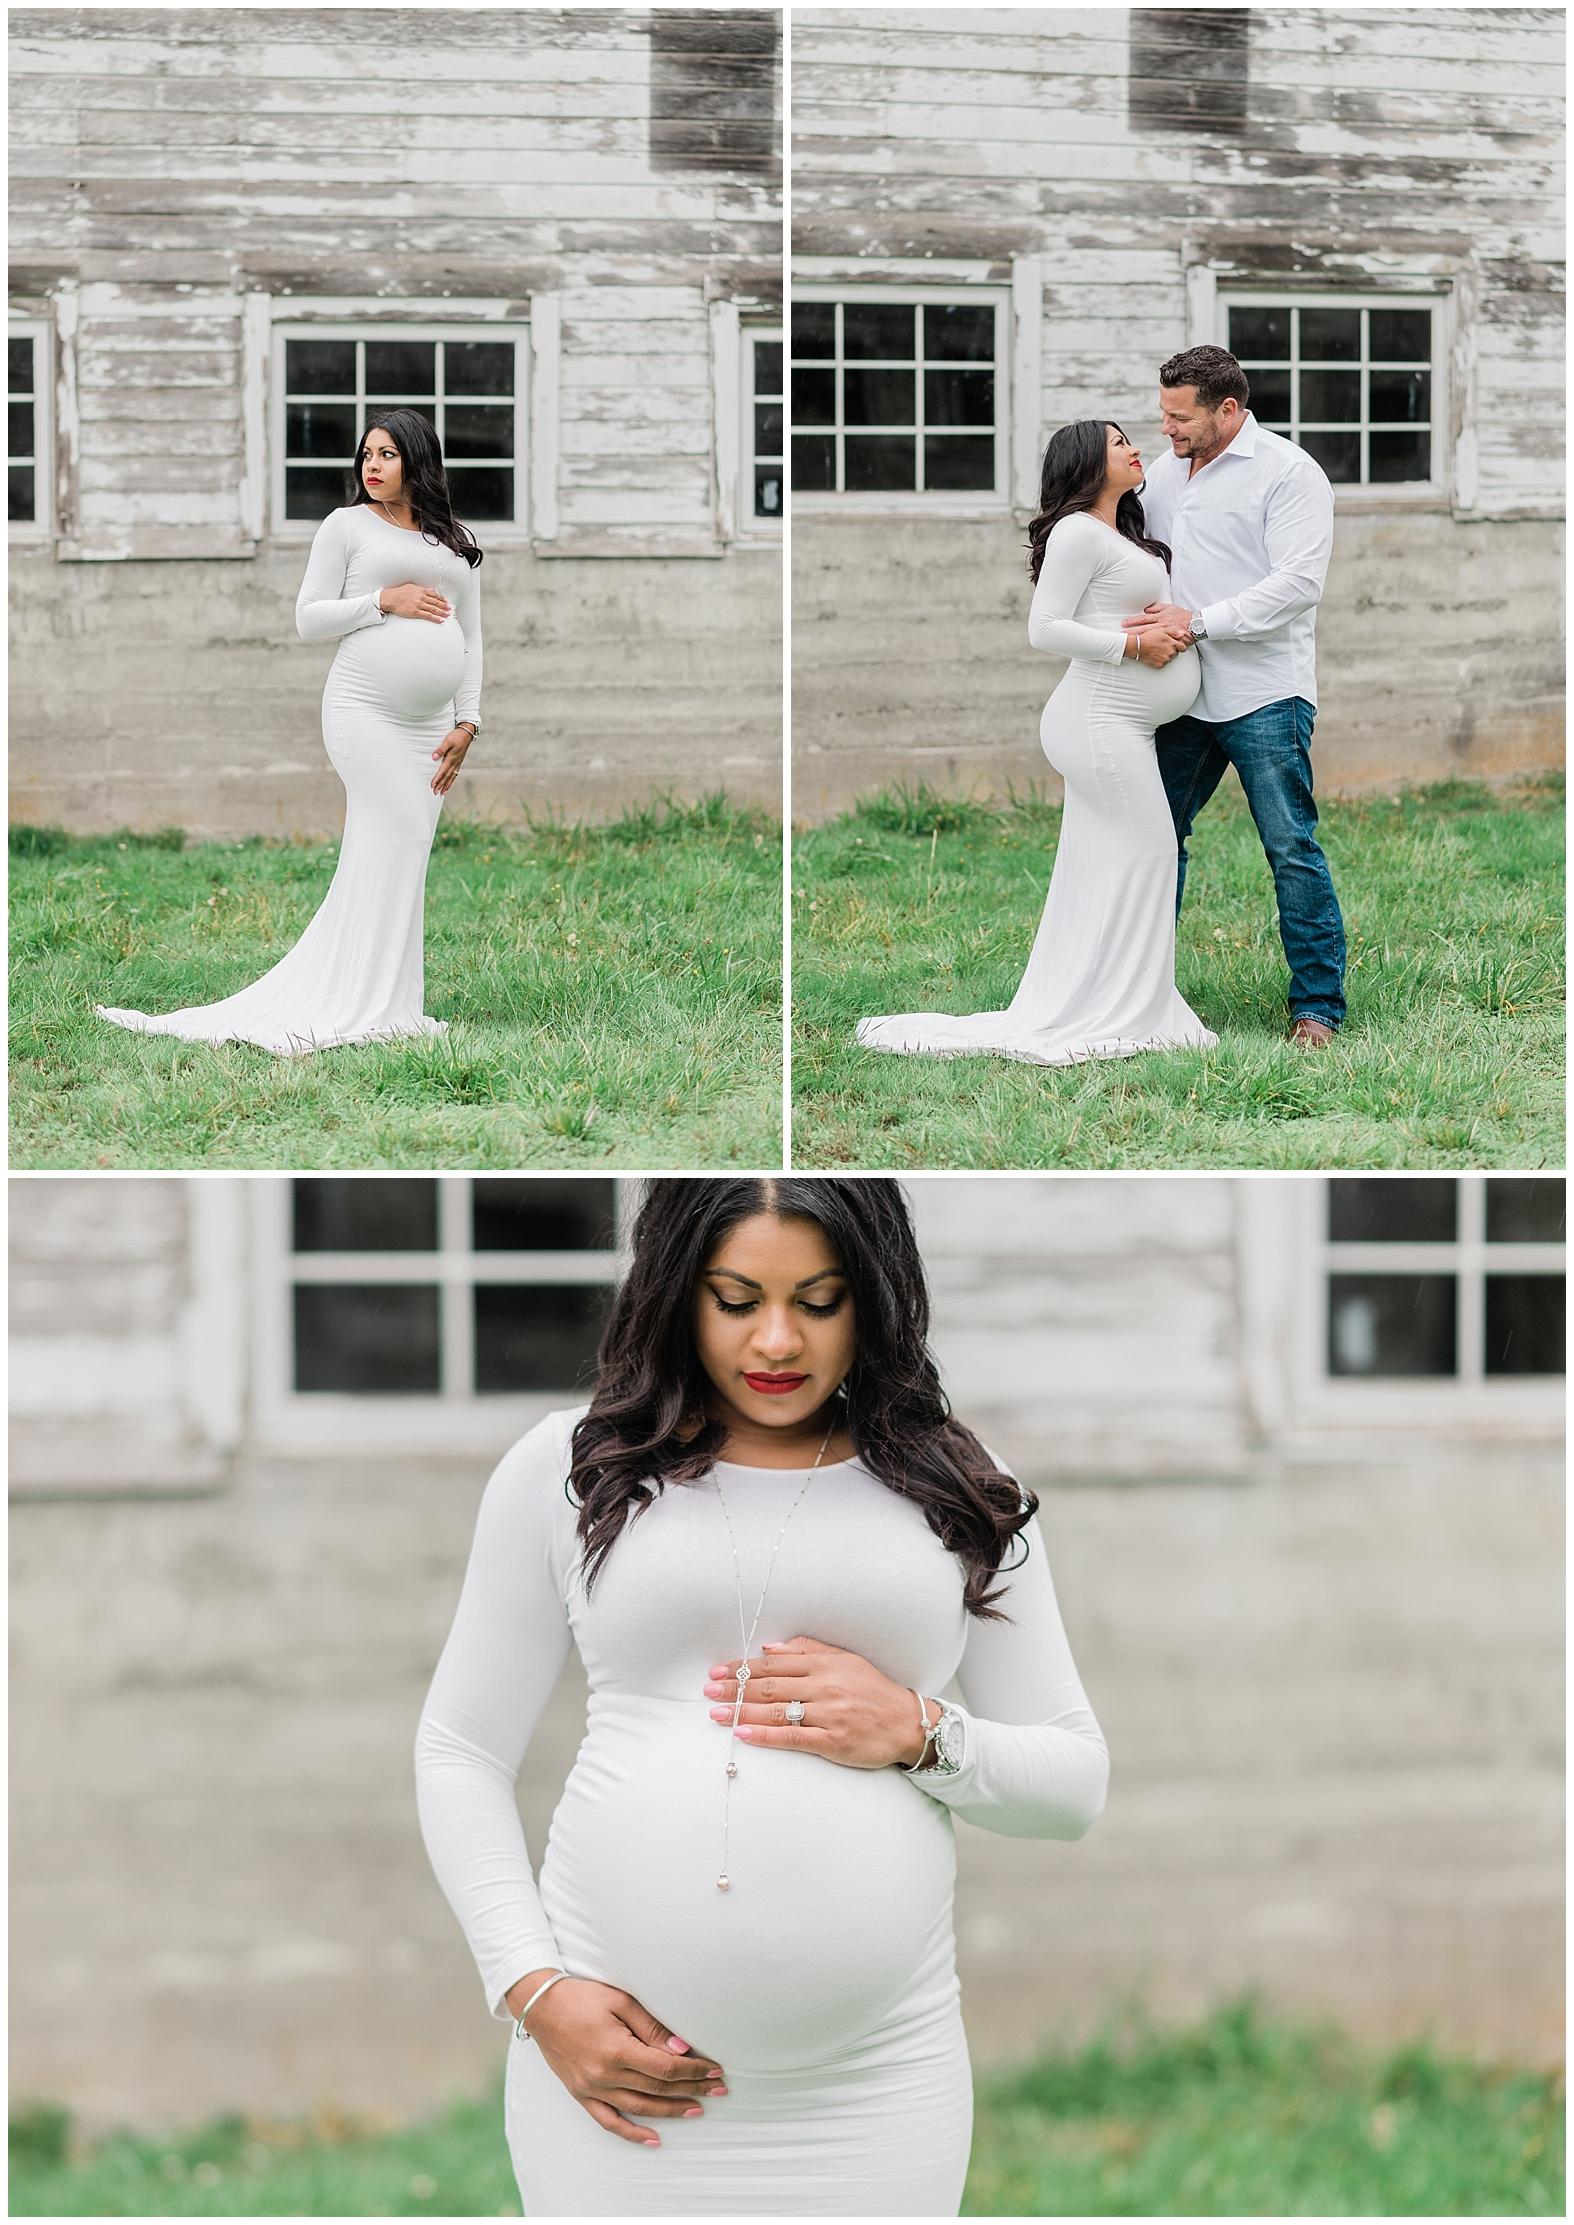 Rainy Maternity Photos | Janet Lin Photography